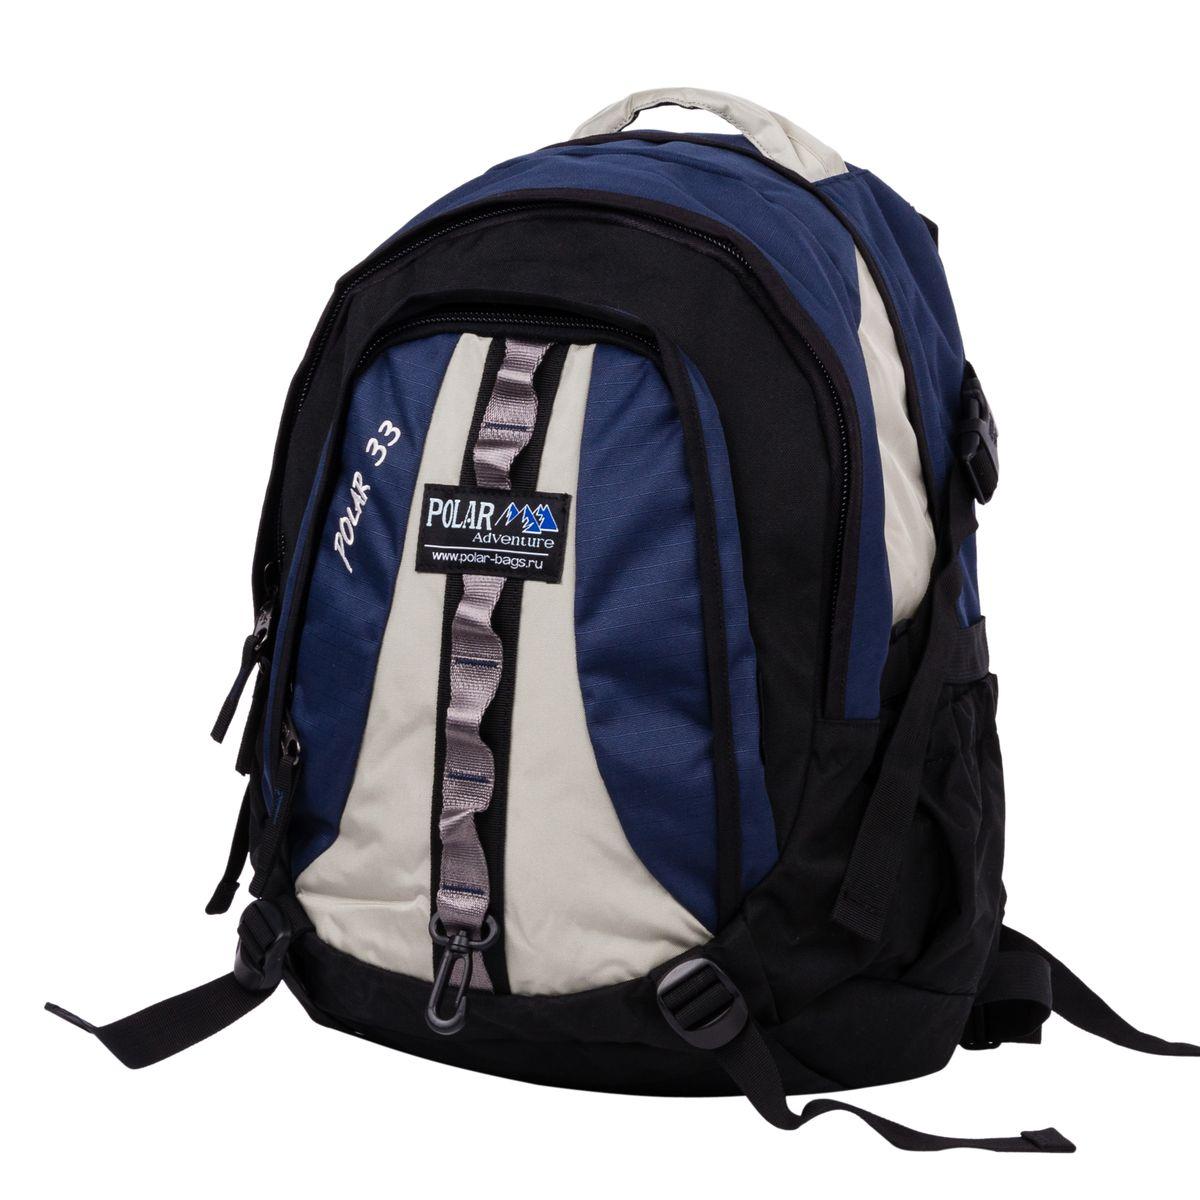 Рюкзак городской Polar, 27 л, цвет: синий. П1002-04П1002-04Небольшой, вместительный рюкзак фирмы Polar. Полностью вентилируемая спинка с системой Aircomfort, мягкие плечевые лямки создают дополнительный комфорт при ношении. Центральный отсек для персональных вещей и внутренним карманом для папки А4. Маленький карман для mp3, CD плеера. Выход под наушники. Большой передний карман с органайзером. Так же есть грудные стяжки, фиксирующие его удобное положение. Боковой карман из трикотажной сетки для бутылки с водой. Дождевик специальной формы на рюкзак, защищает его от намокания в дождливую погоду.